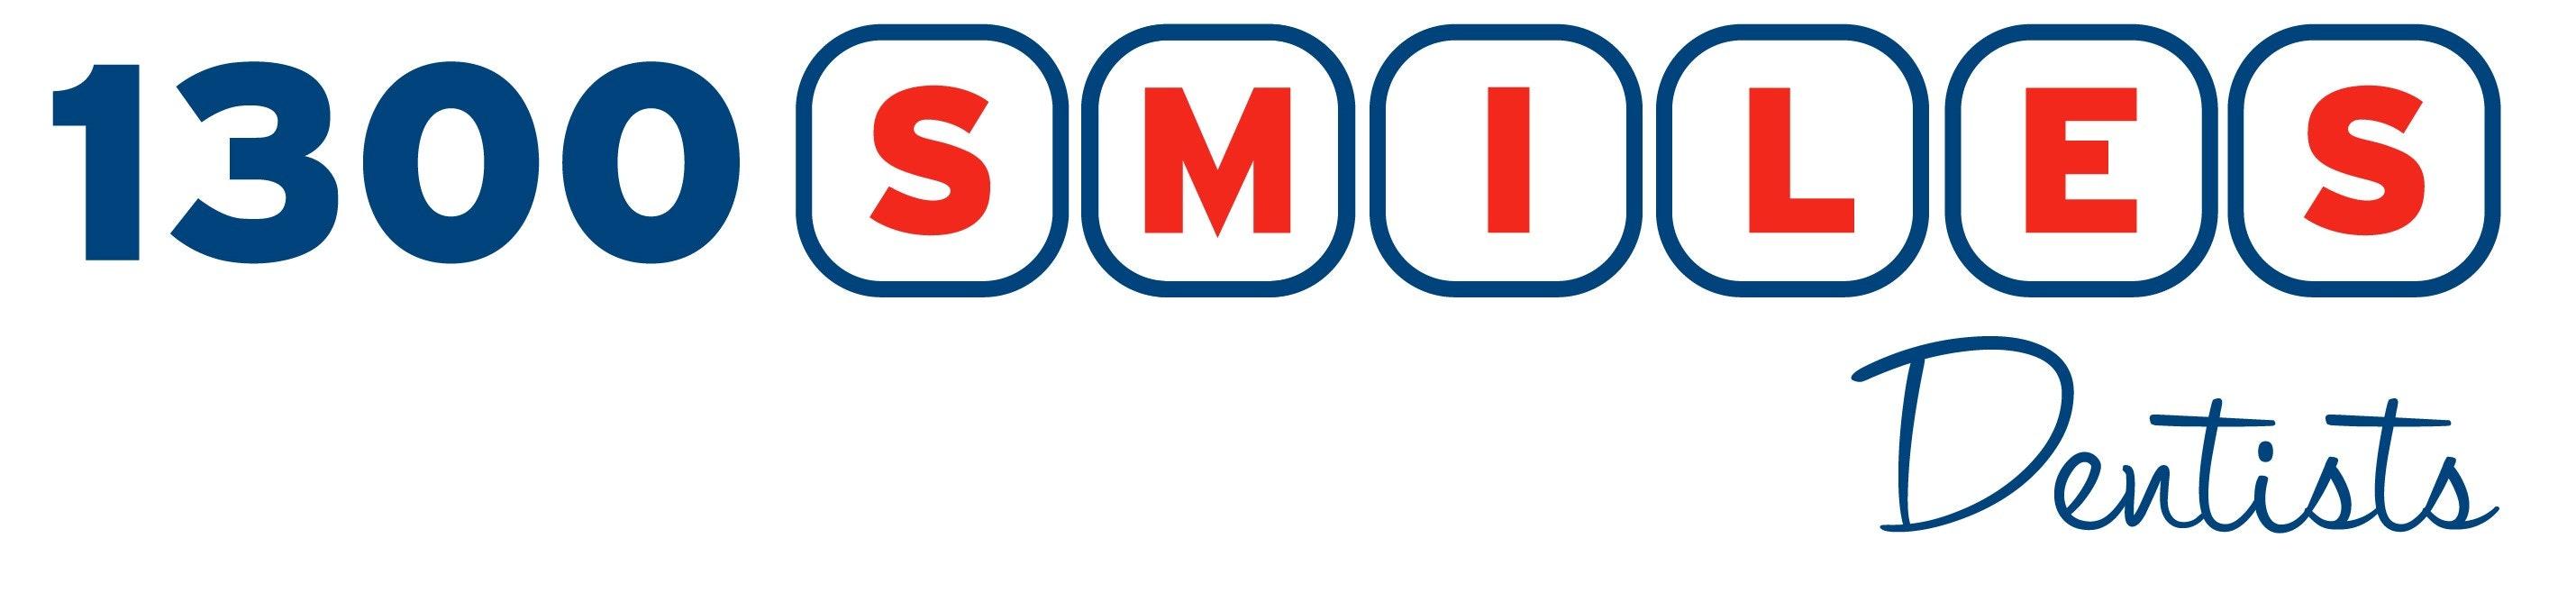 logo for .1300 Smiles - Dental Centre Buderim Dentists